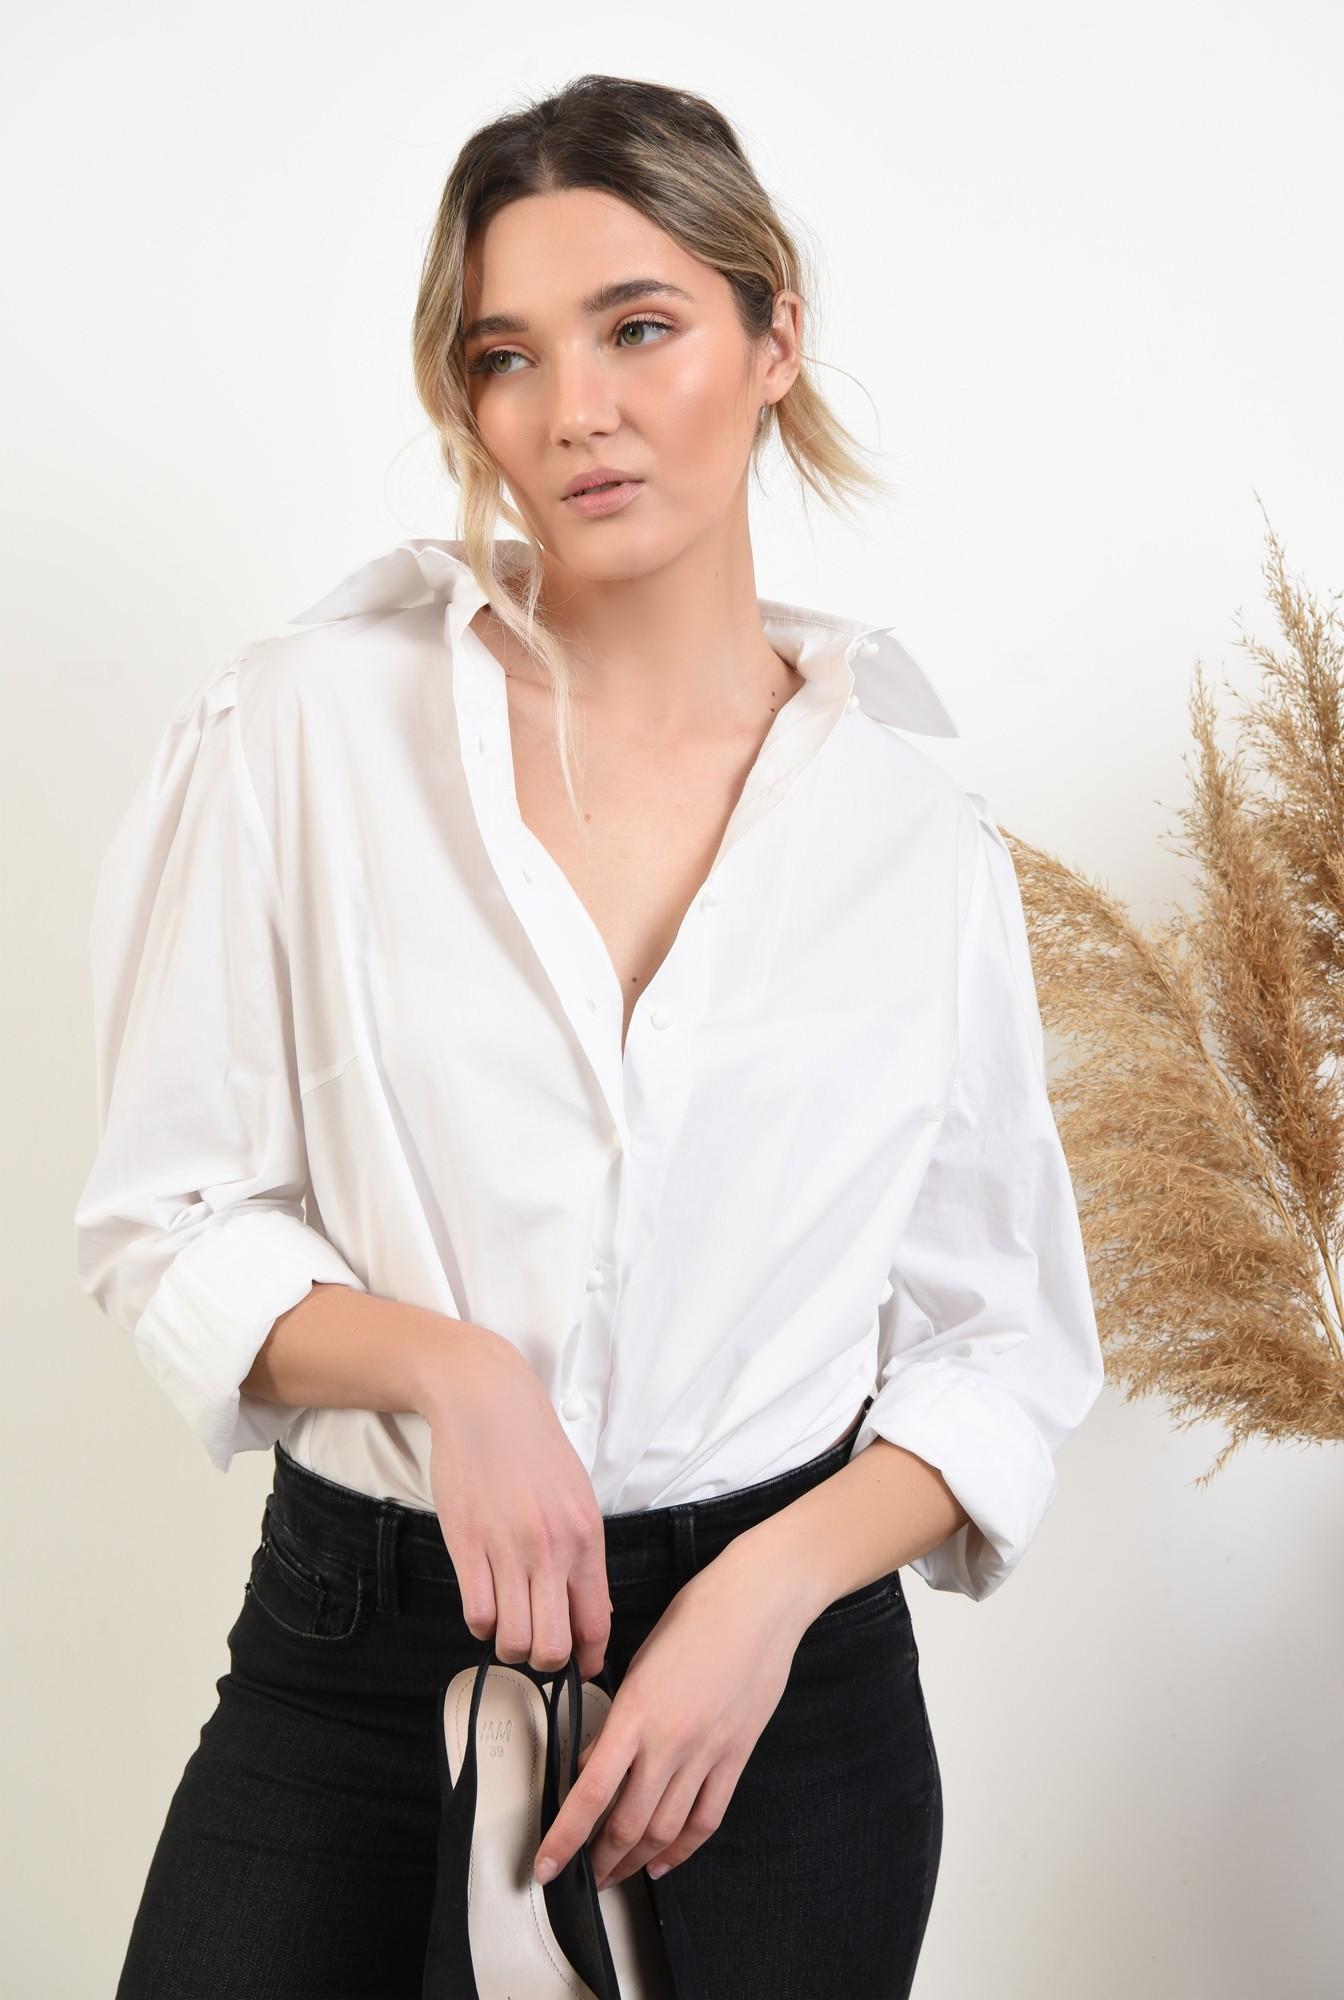 2 -  bluza eleganta, cu maneci bufante, cu funde, organza, bluza de ocazie